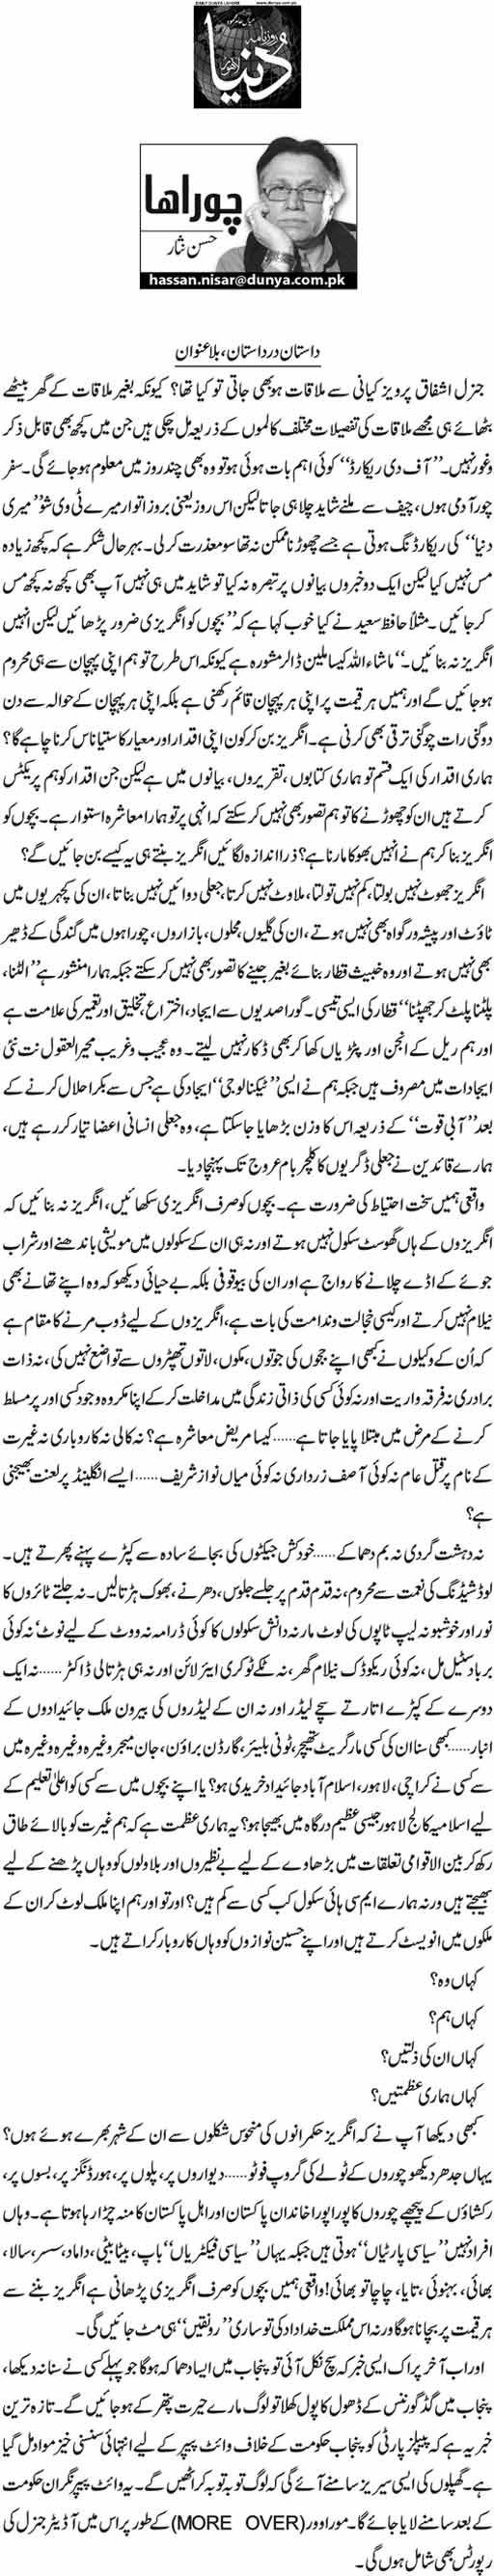 Dastaan dar dastaan,bila unwaan - Hassan Nisar